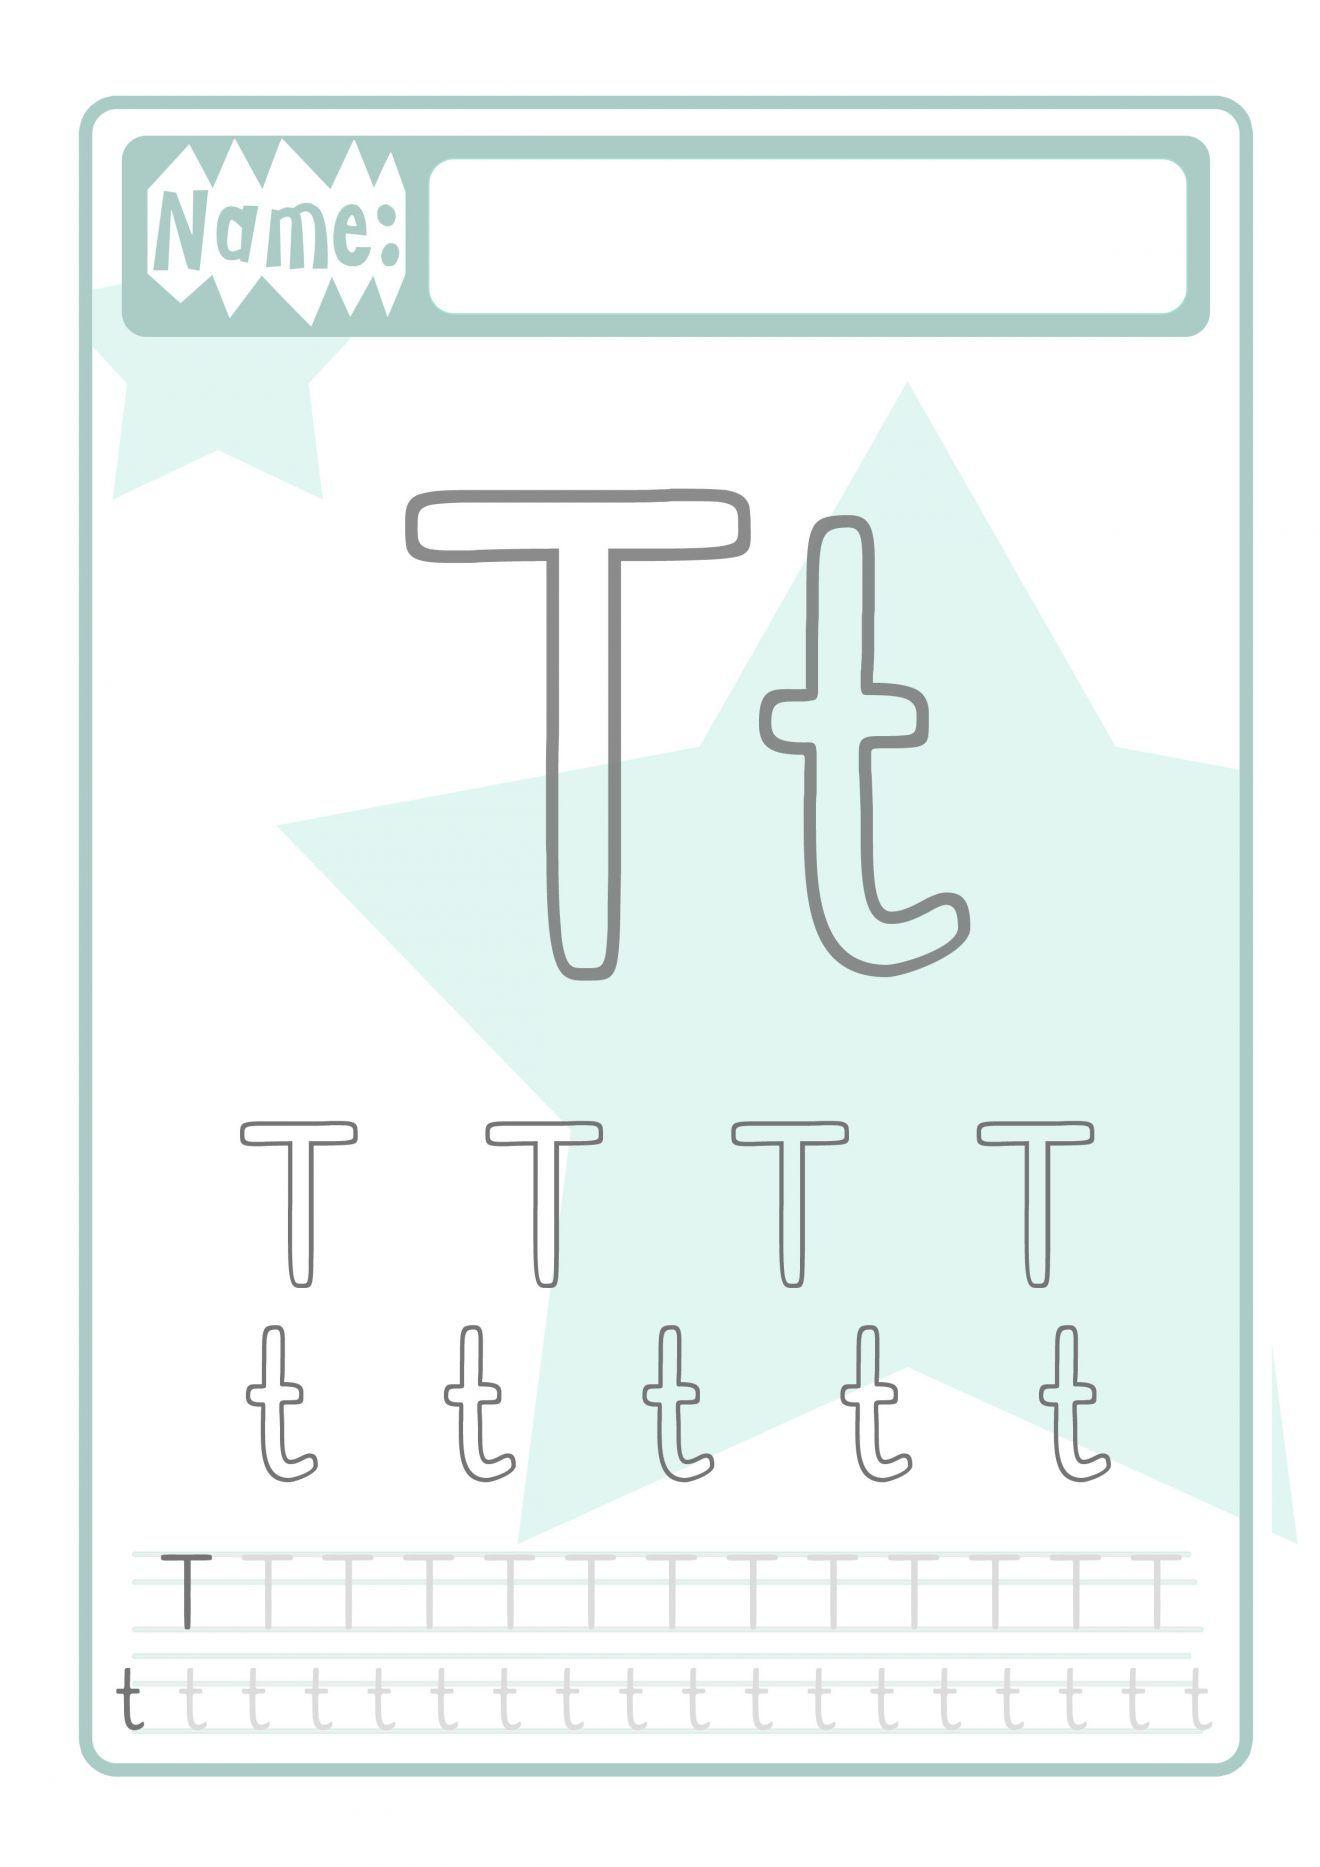 Buchstaben Druckvorlage für Kinder | Schreiben lernen, Druckvorlagen ...